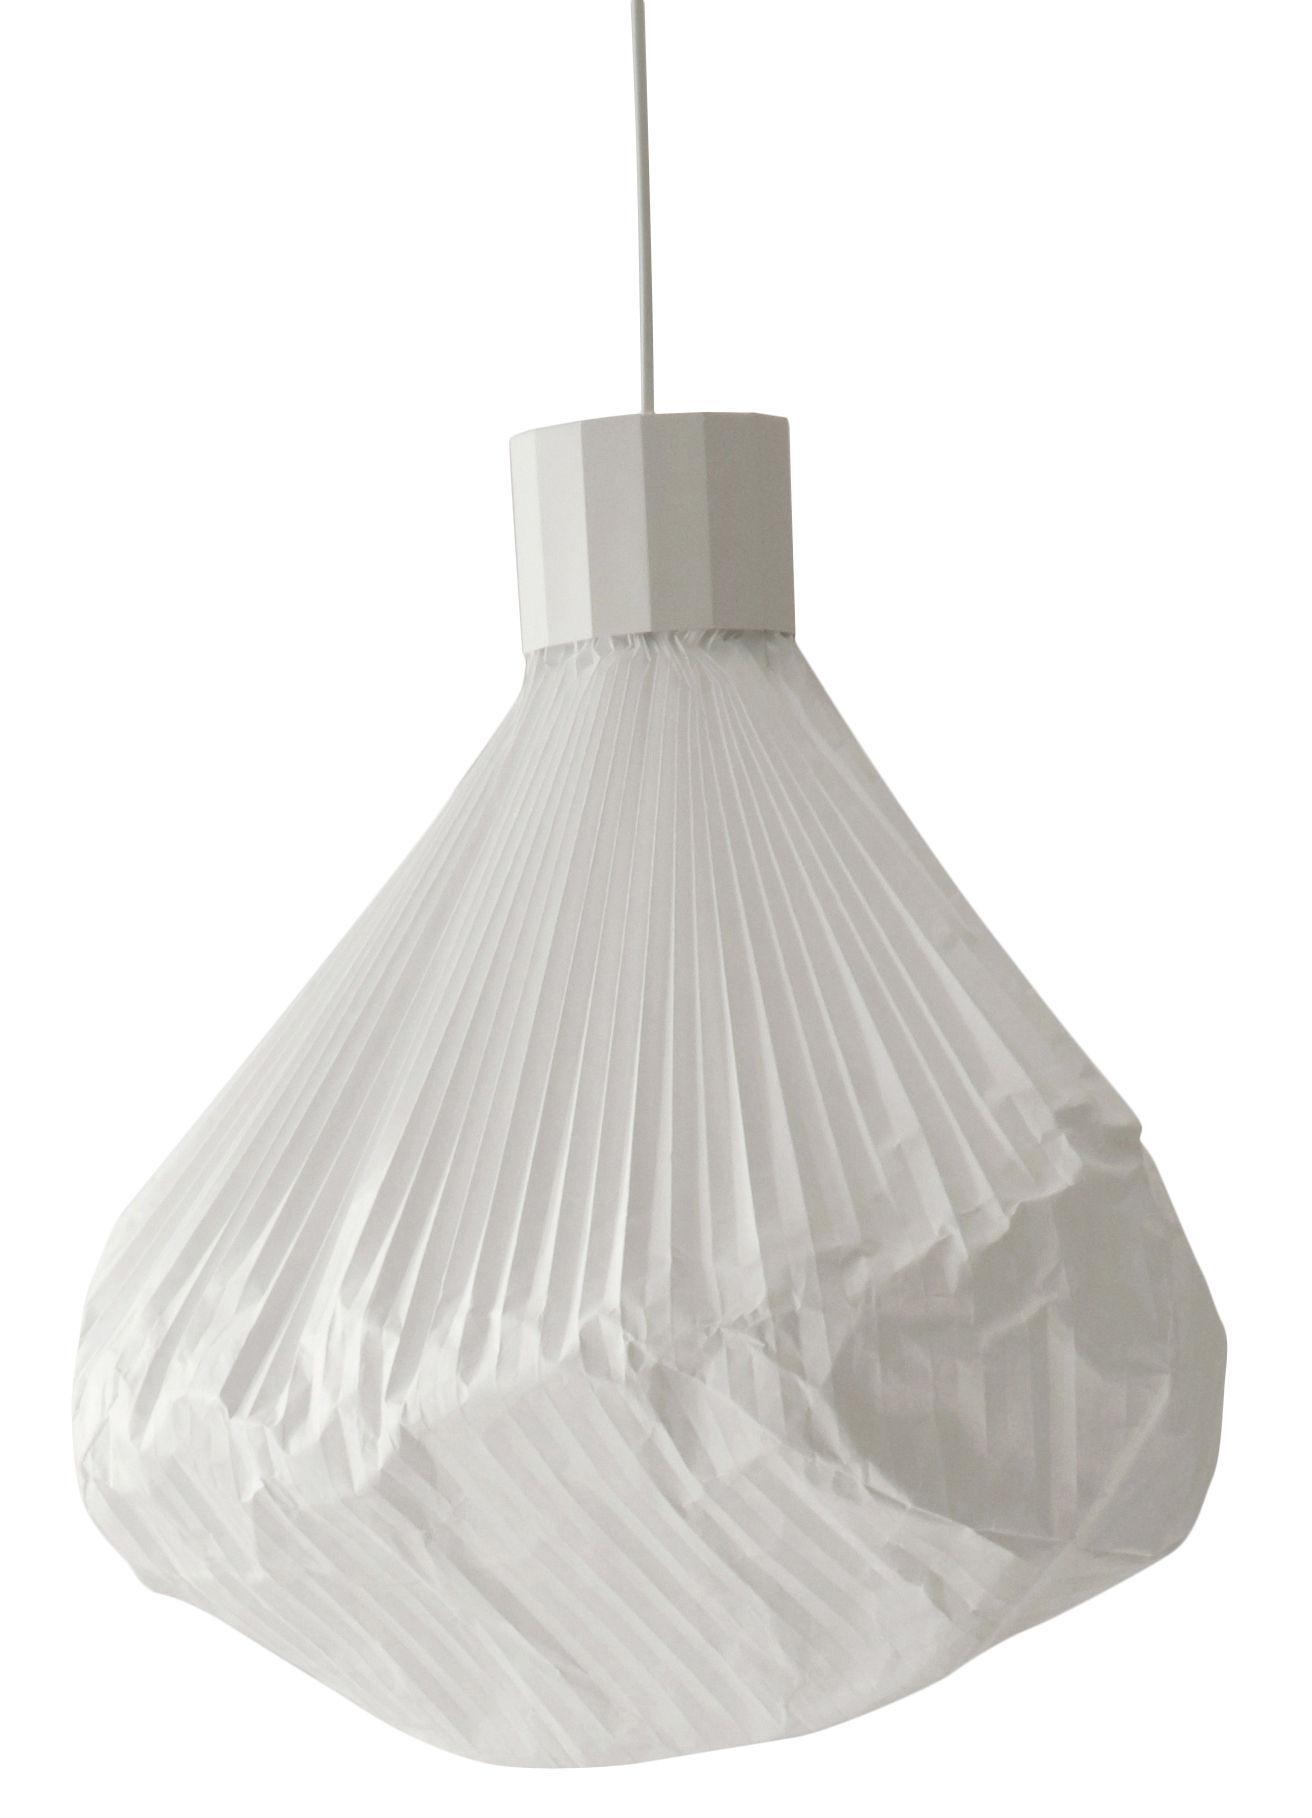 Luminaire - Suspensions - Suspension Vapeur - Moustache - Base blanche / Diffuseur blanc - Métal laqué